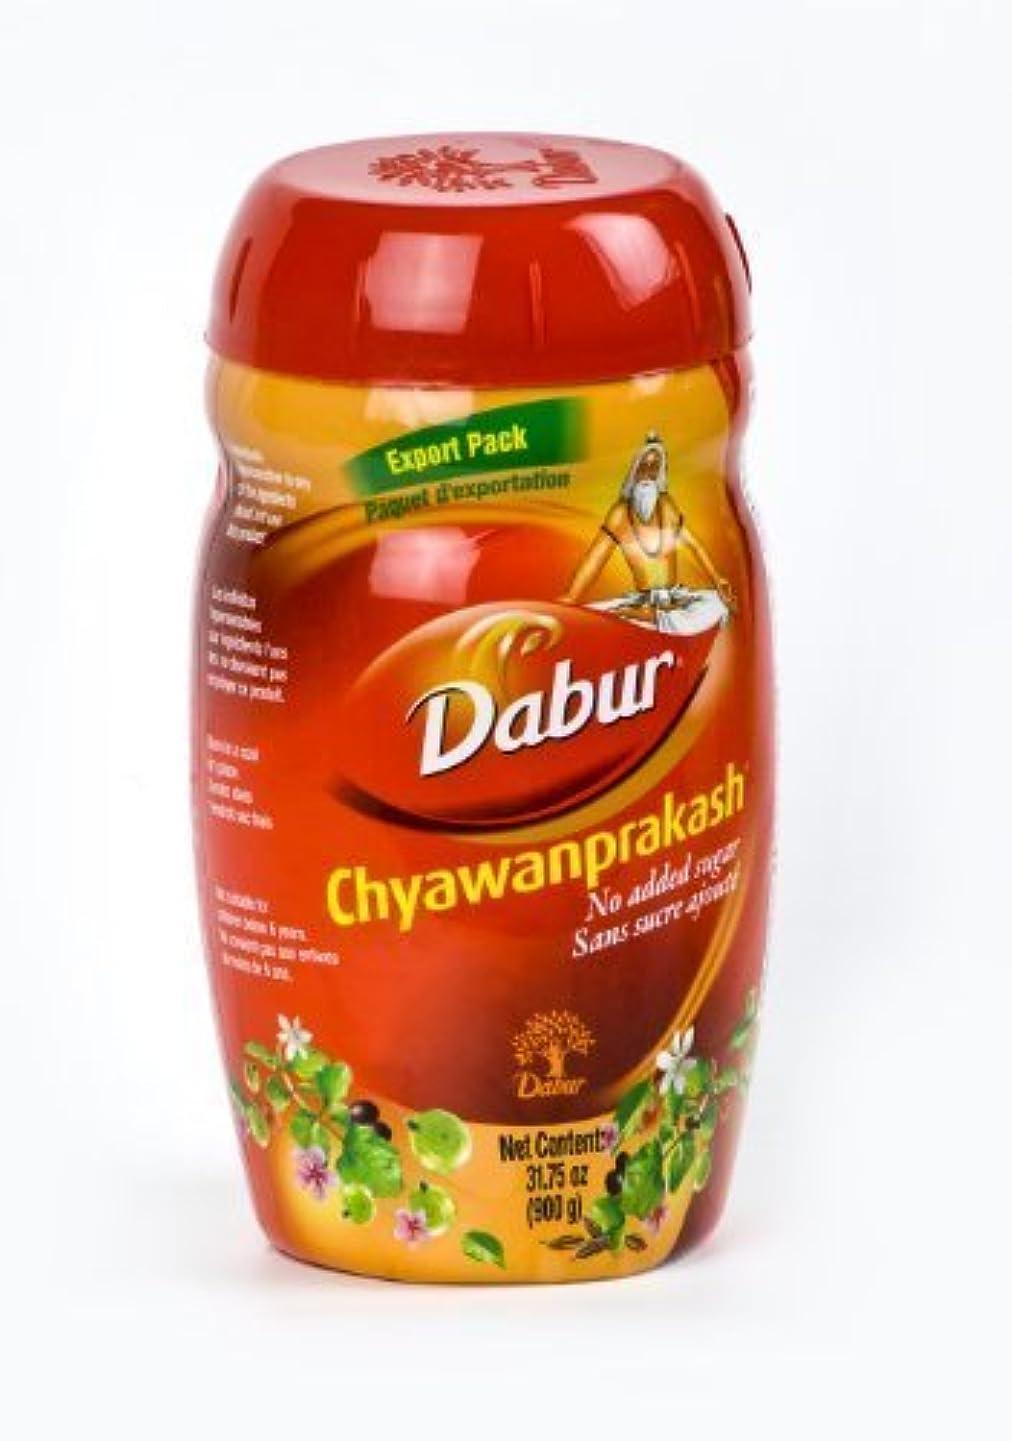 ルネッサンス分解する伝導率Dabur Chywan Prakash (Chyawanprash) No Added Sugar 900g by Dabur [並行輸入品]